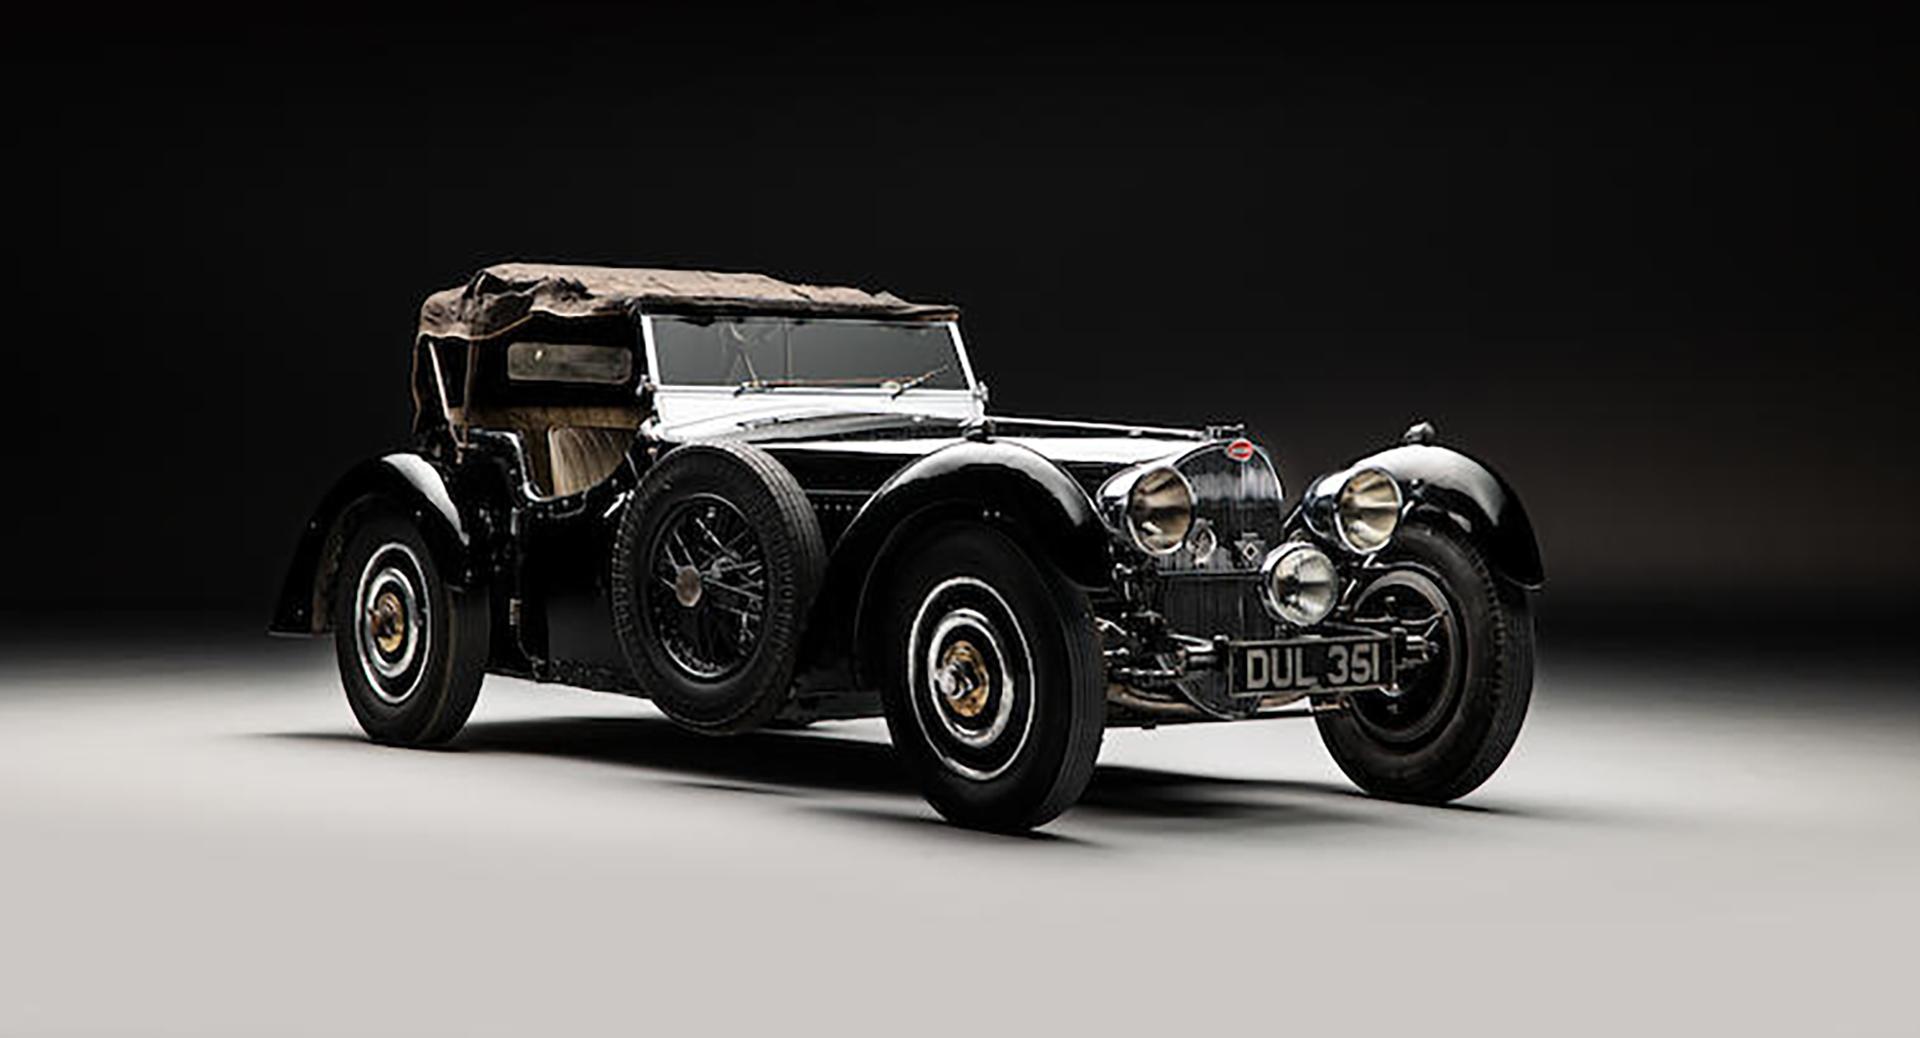 罕见的1937年布加迪57S型车被拍卖,被藏了50年